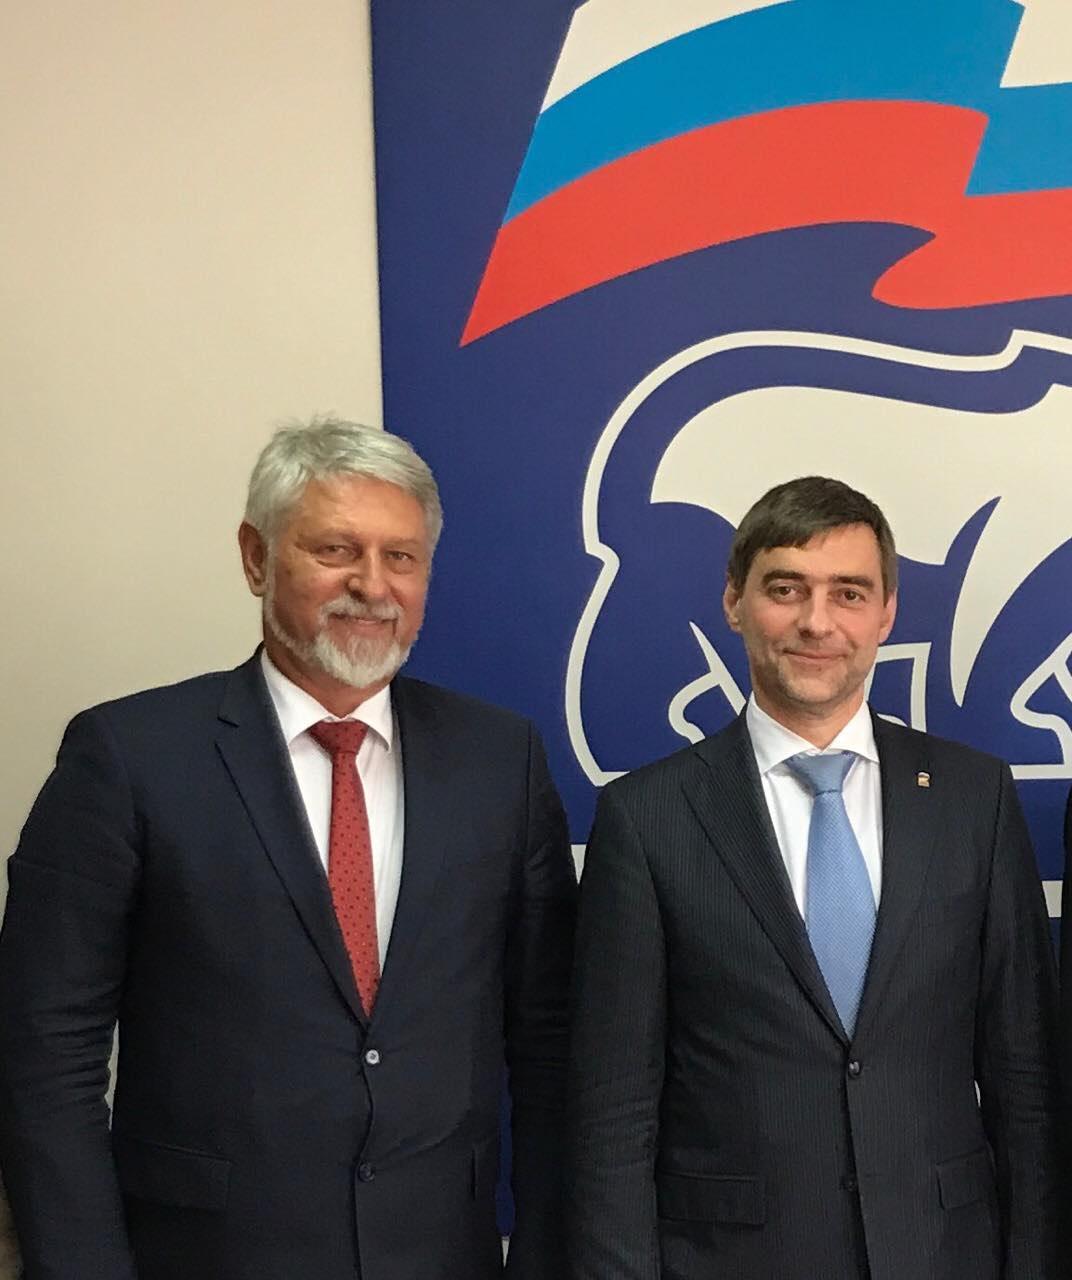 СТЕВЧО ЈАКИМОВСКИ НА СРЕДБА СО СЕРГЕЈ ЖЕЛЕЗЊАК  Лидерот на ГРОМ на средба со секретарот на владеачката  Единствена Русија  и десна рака на Путин